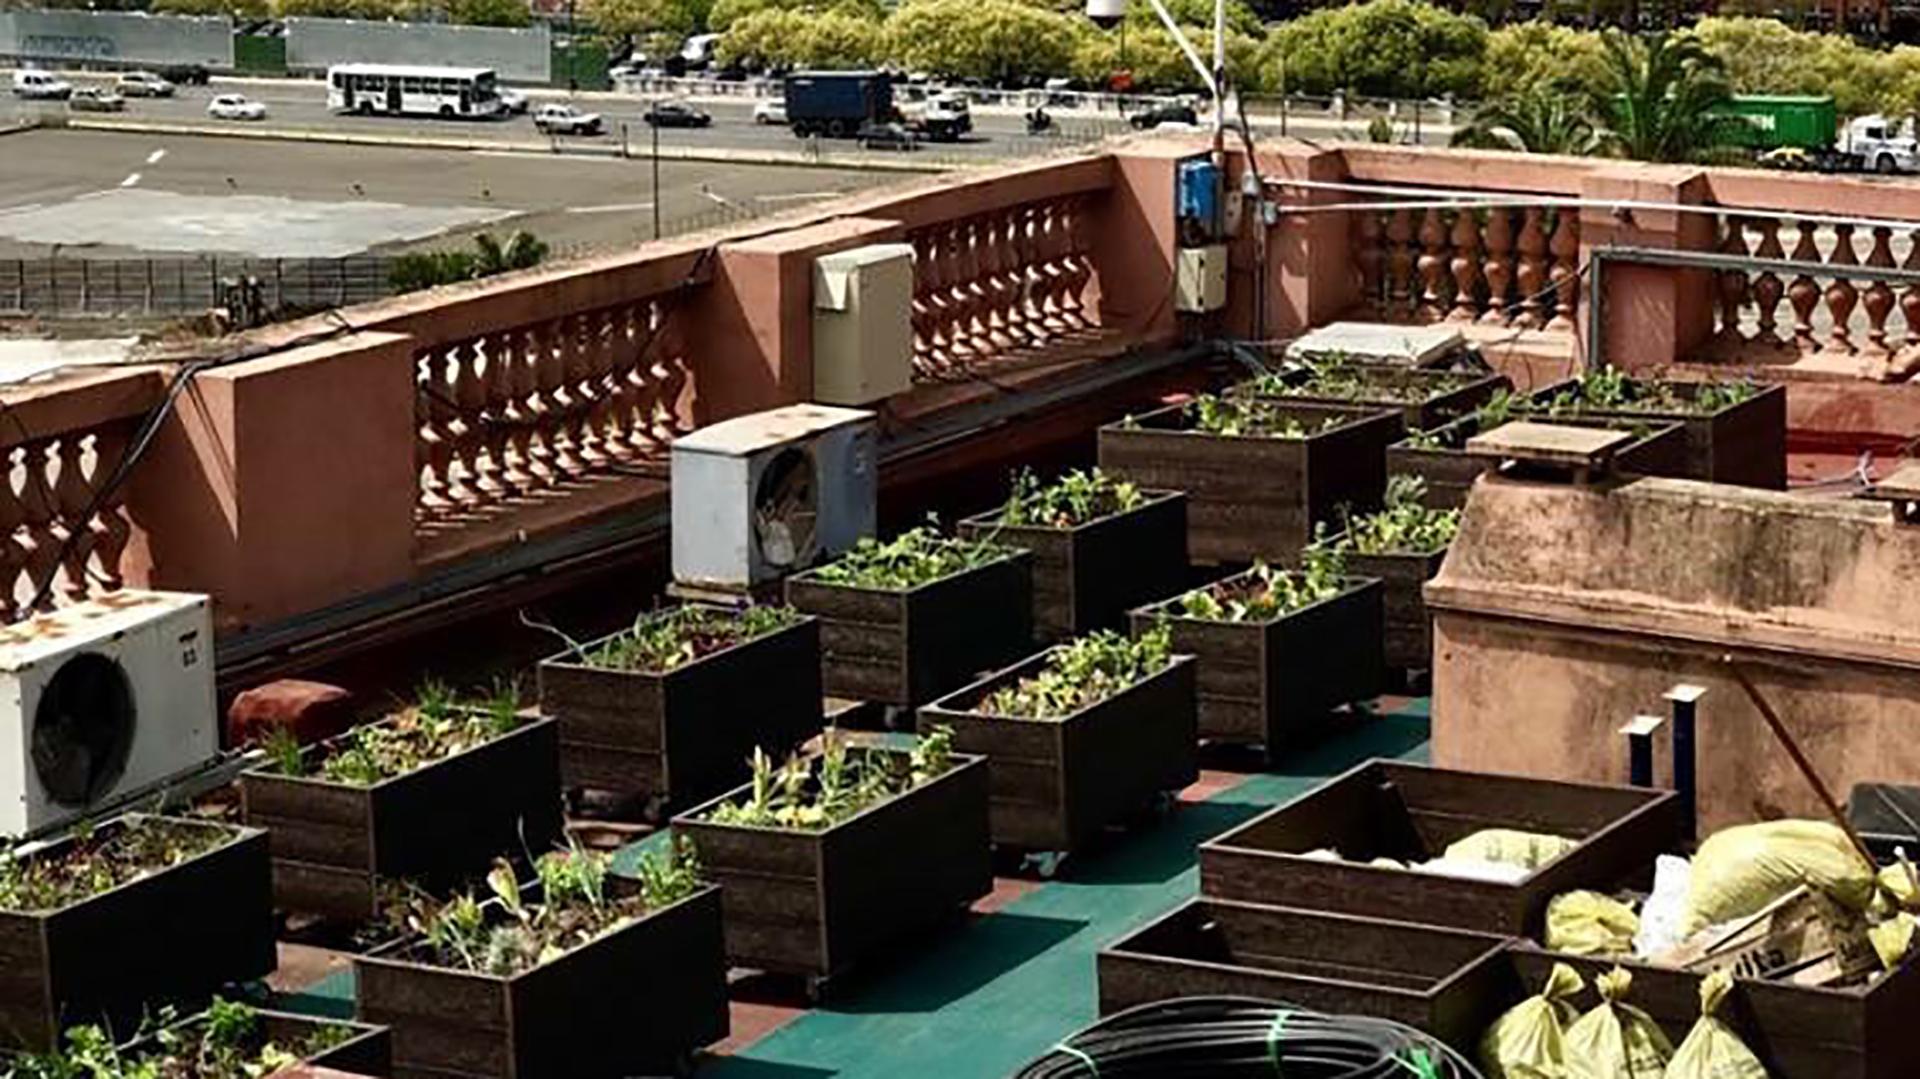 Cosecharon Las Primeras Verduras De La Huerta Agroecológica